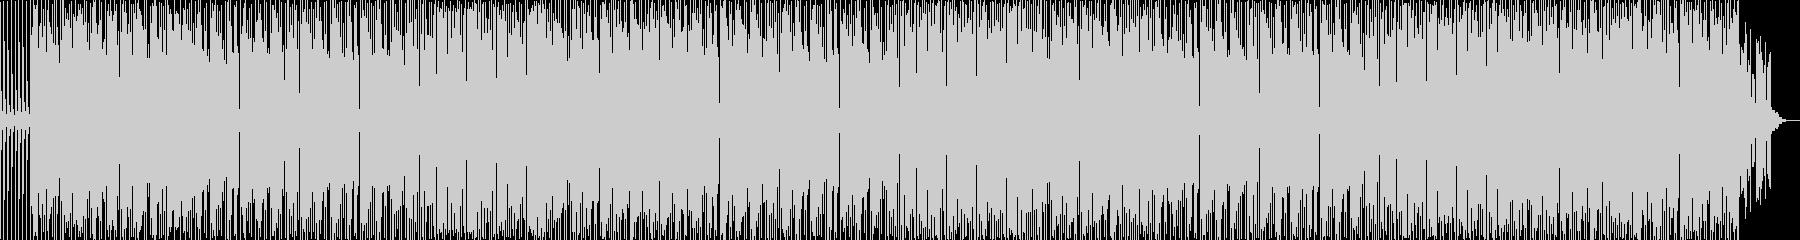 懐かしい感じのテクノポップの未再生の波形